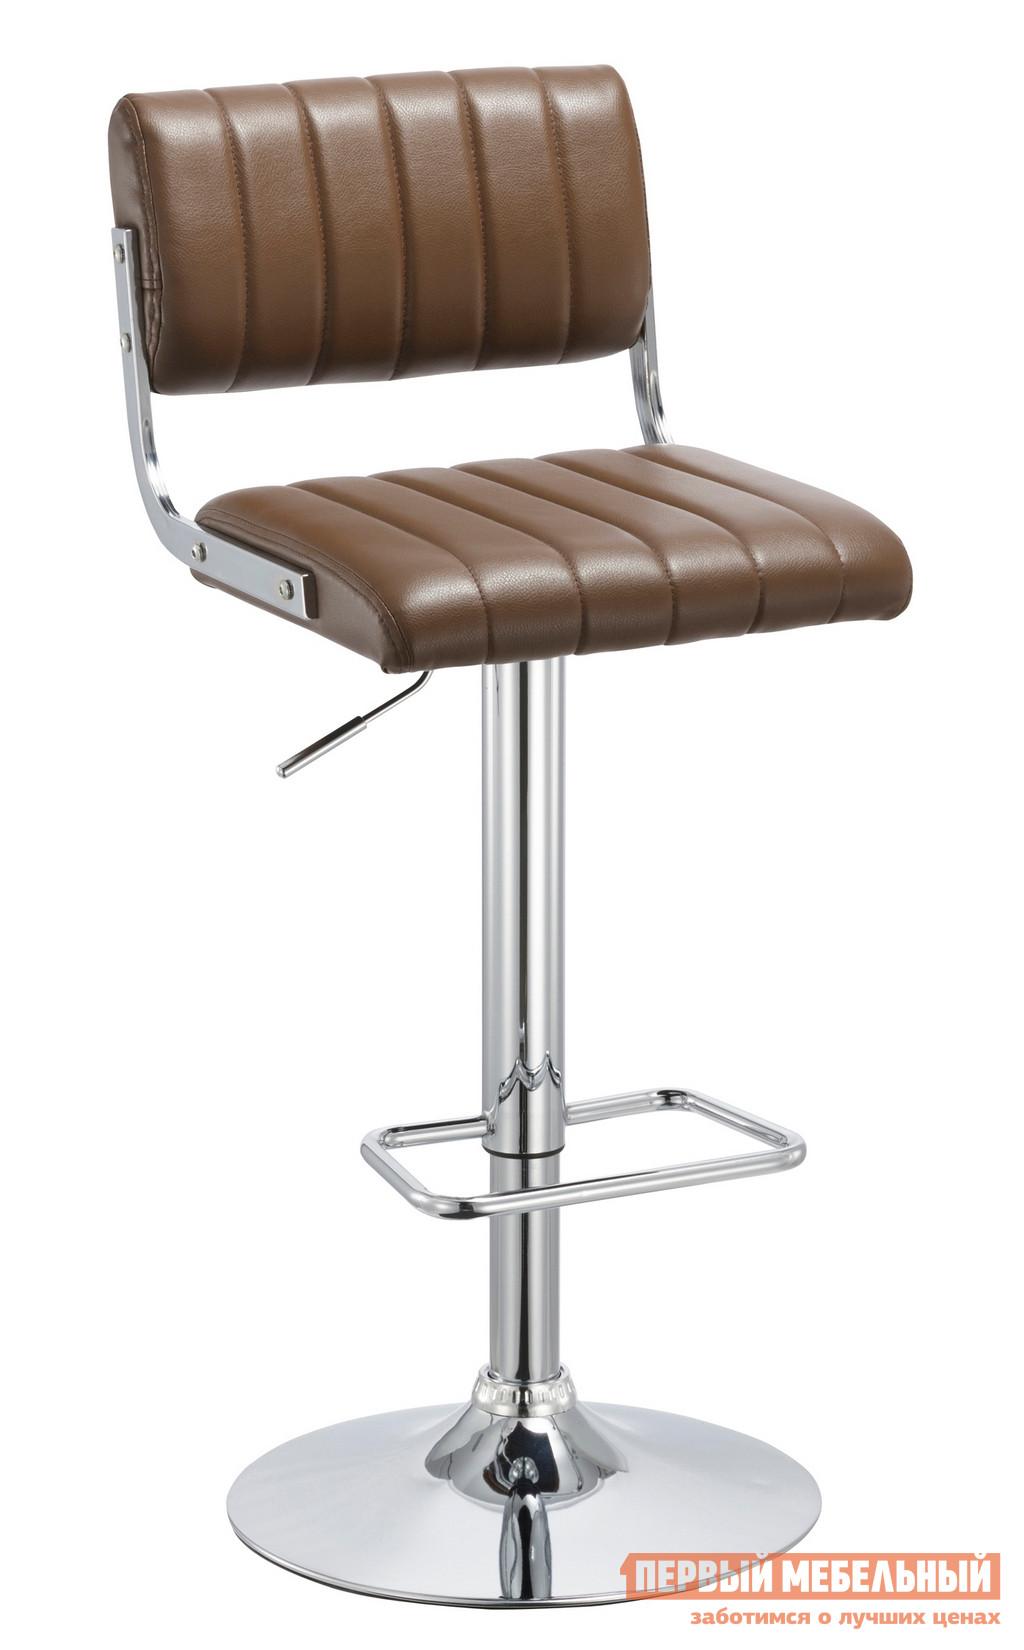 Барный стул Stool Group Doors барный стул stool group abba